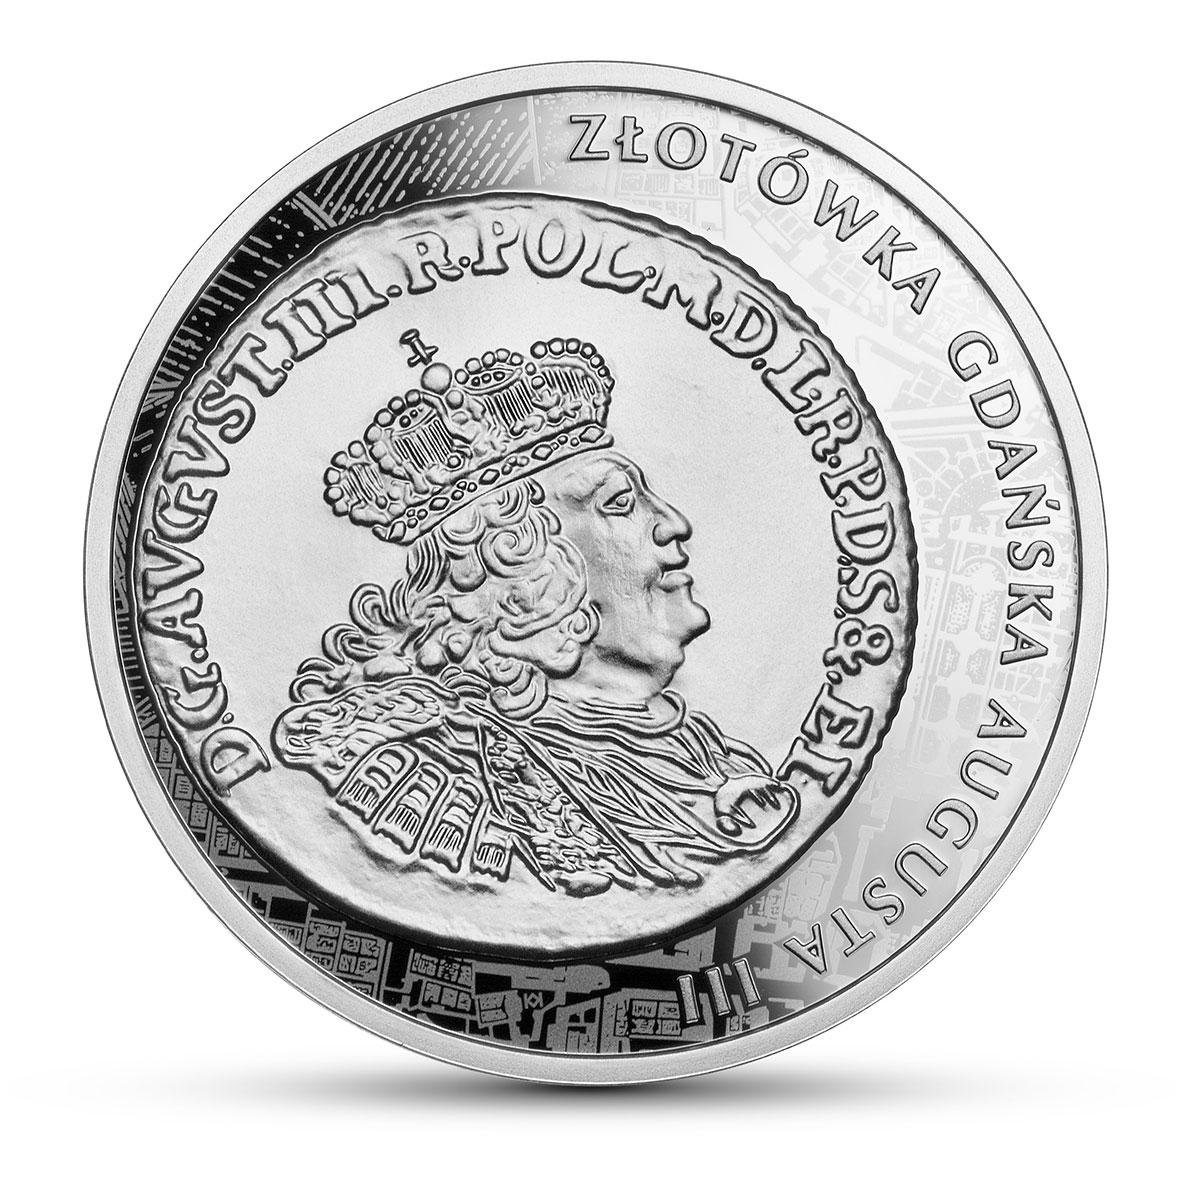 PL 20 Zloty 2020 monogram MW